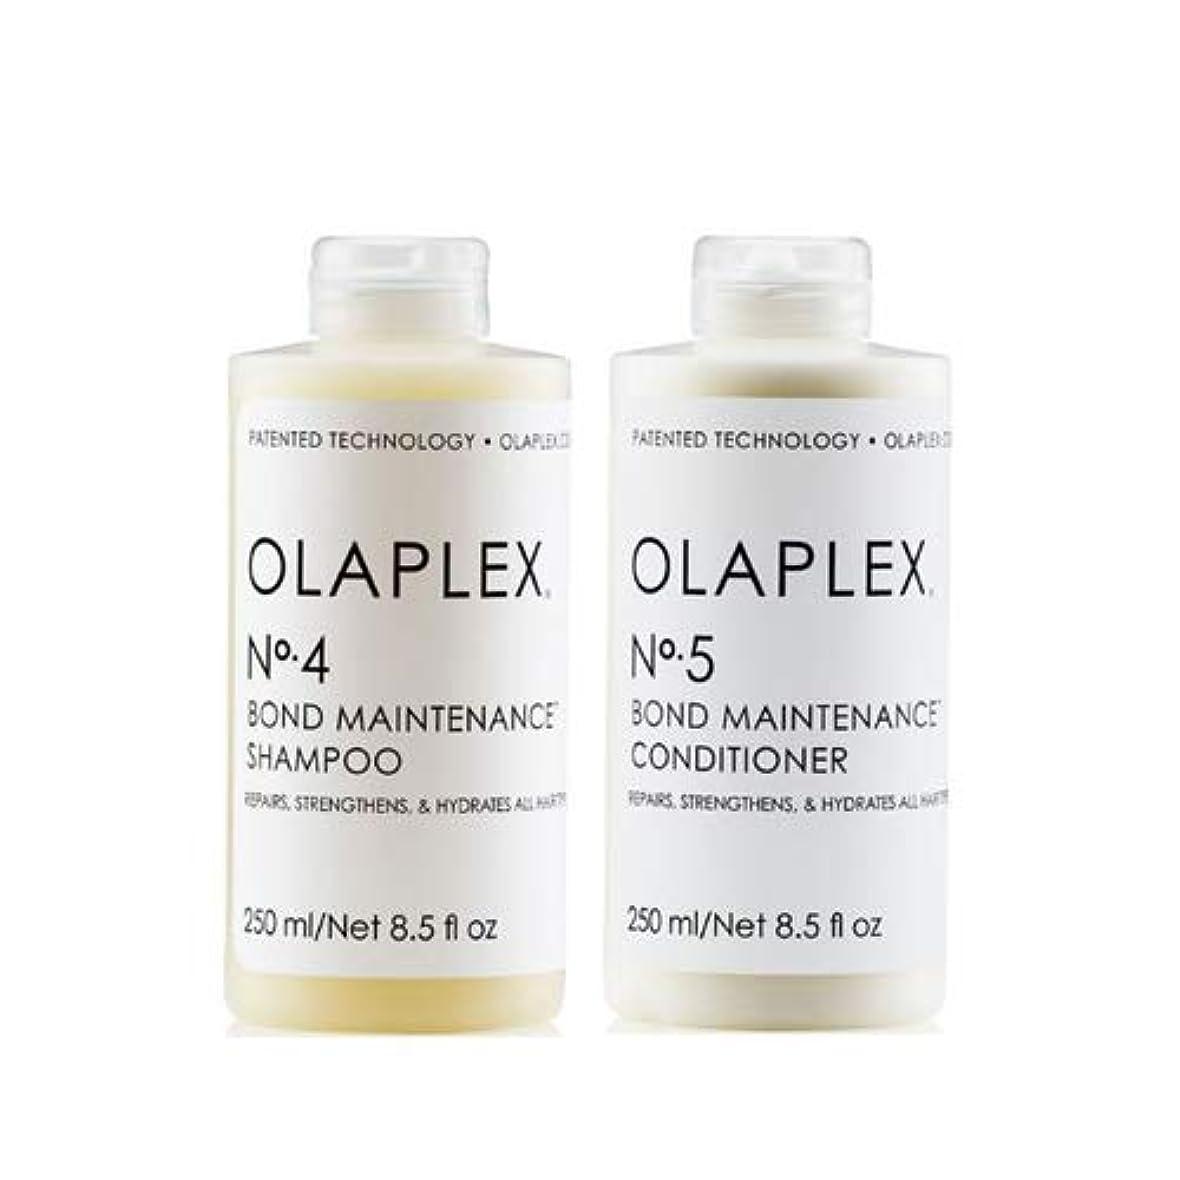 ビルプラス批評Olaplex オラプレックス No. 4 5 ボンド メンテナンス シャンプー&コンディショナー Olaplex Bond Maintenance Shampoo & Conditioner 【並行輸入品】